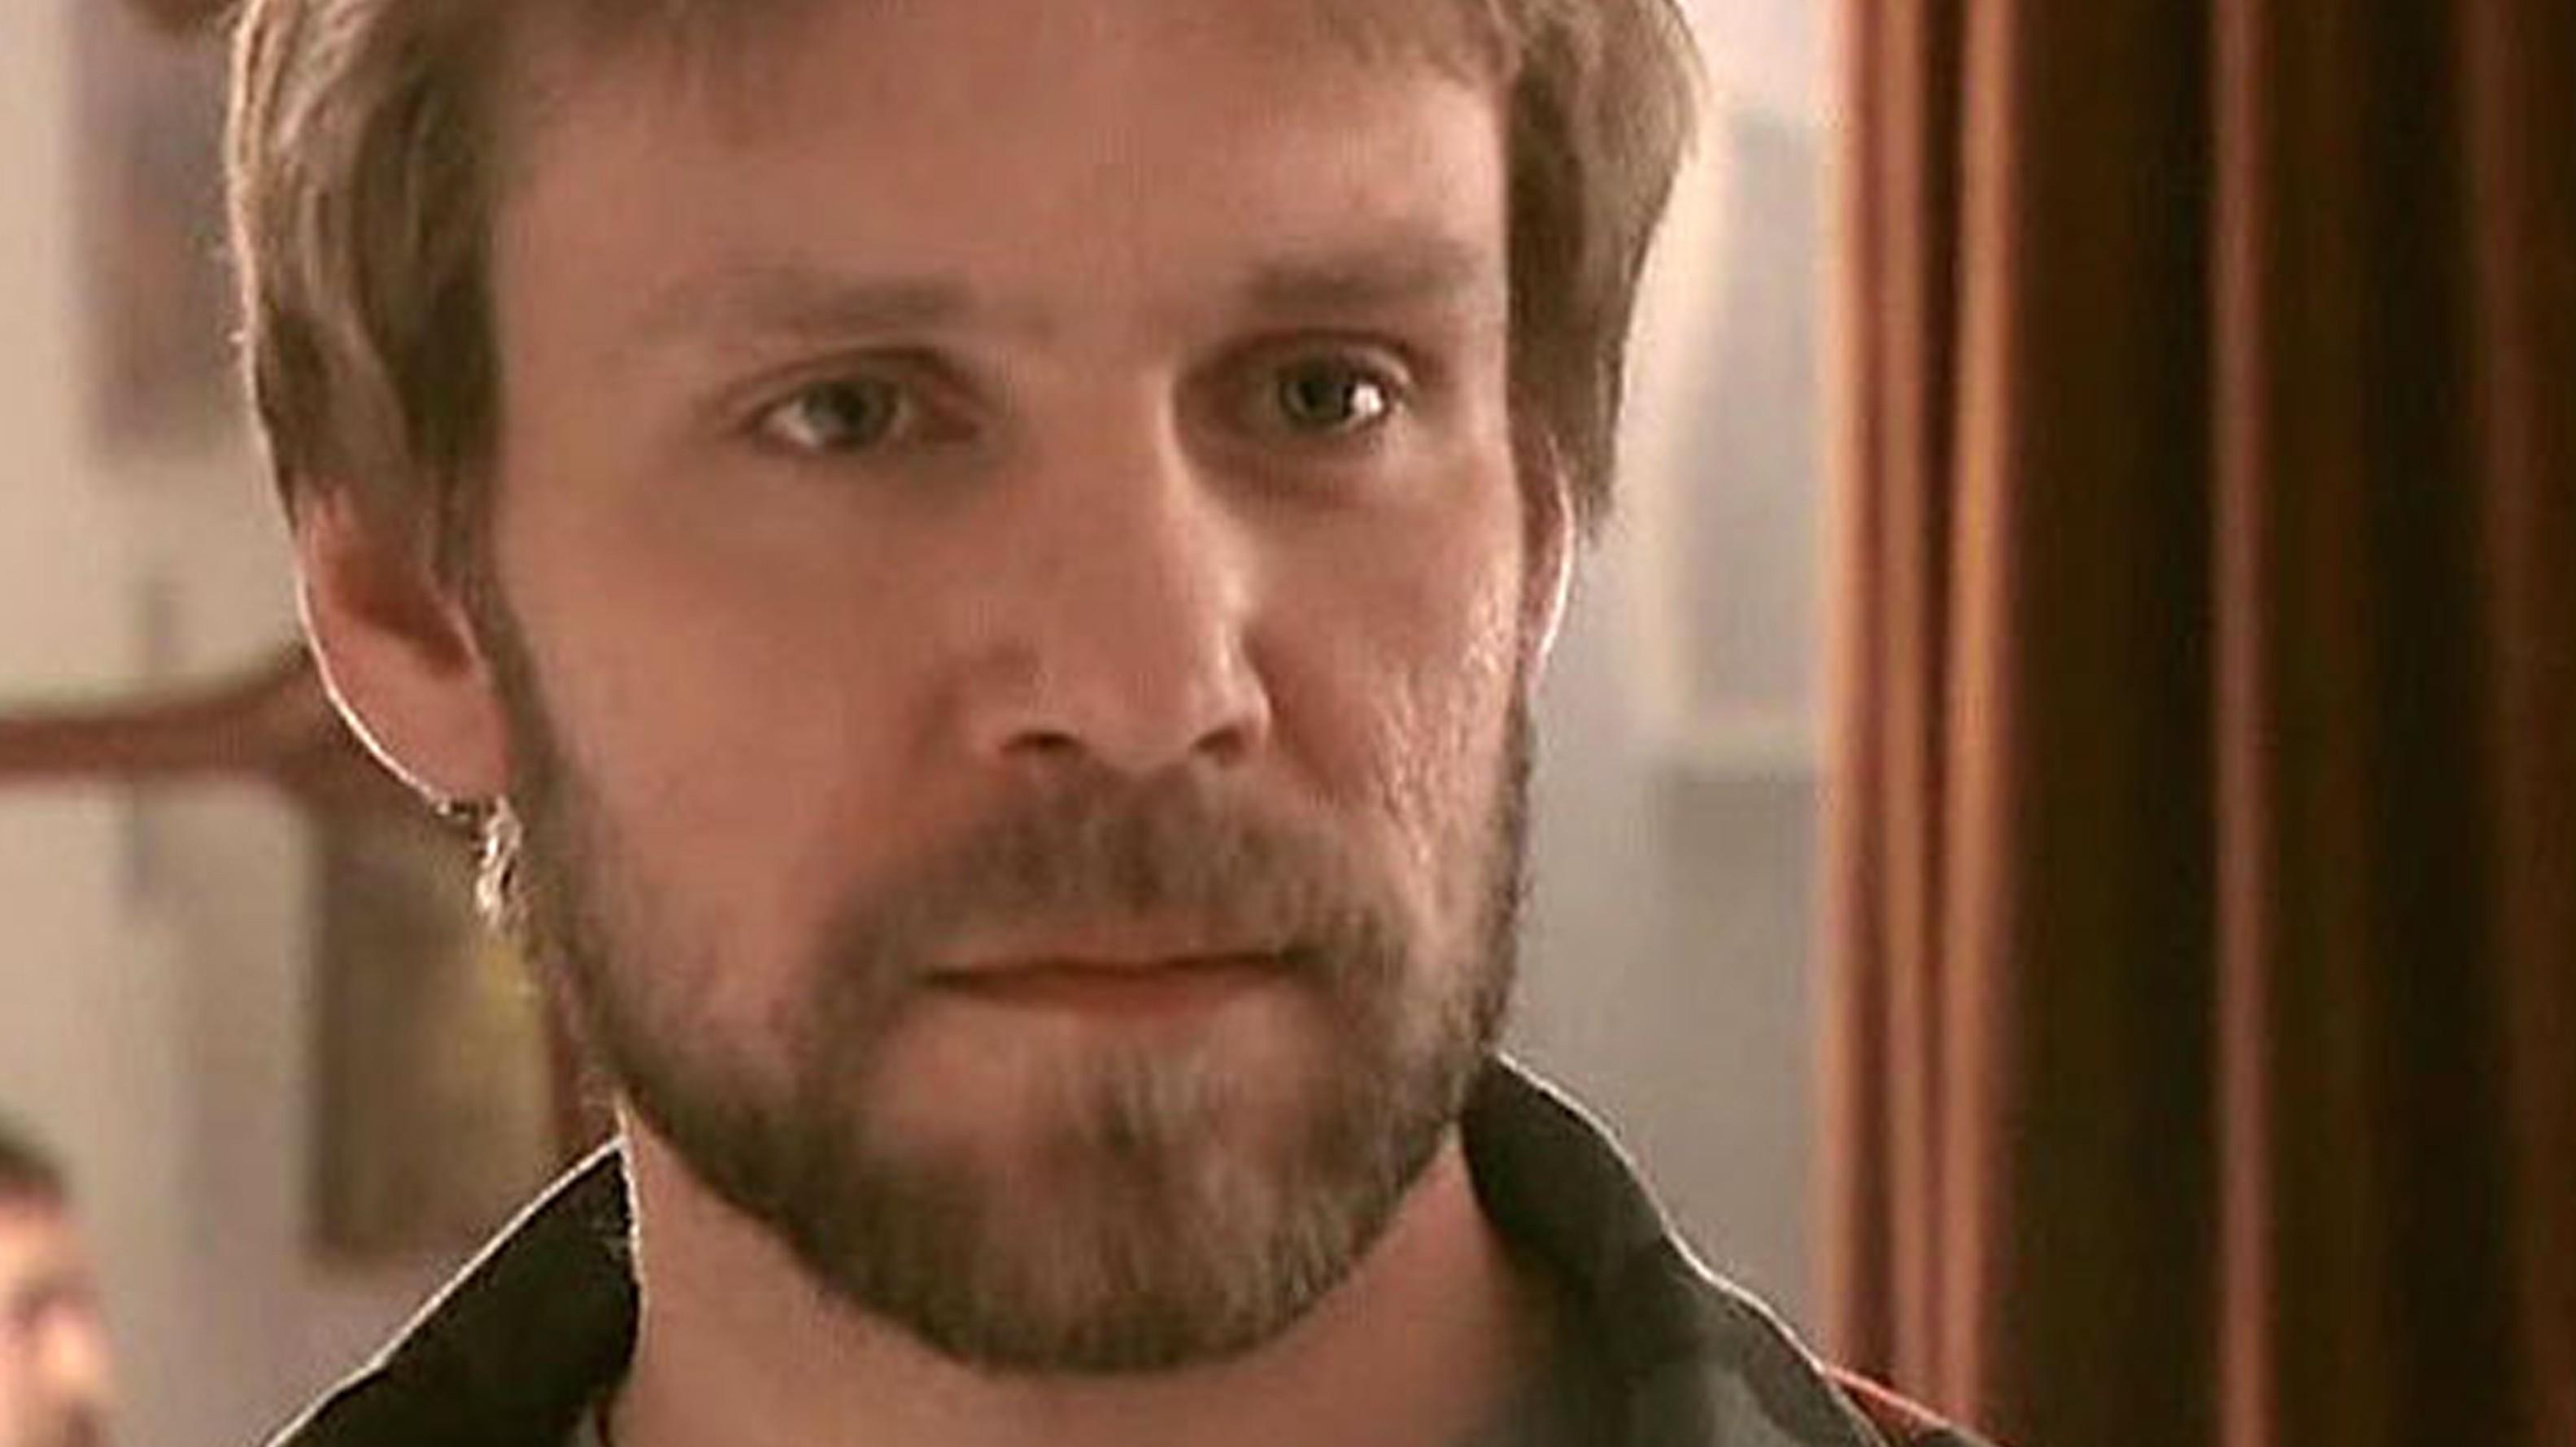 Одинокий карьерист: чем запомнился актер Андрей Егоров?